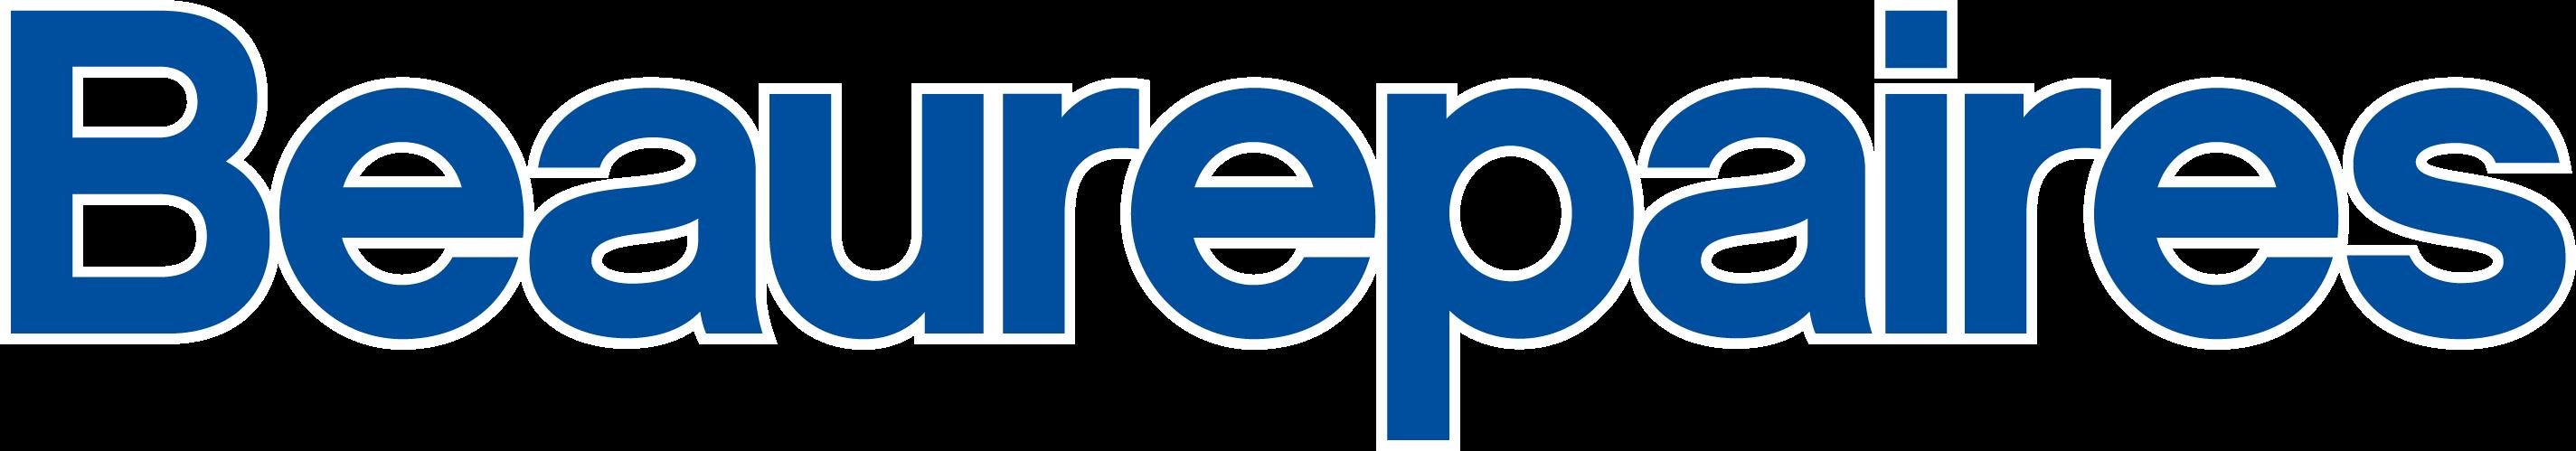 Beaurepaires AU Brand